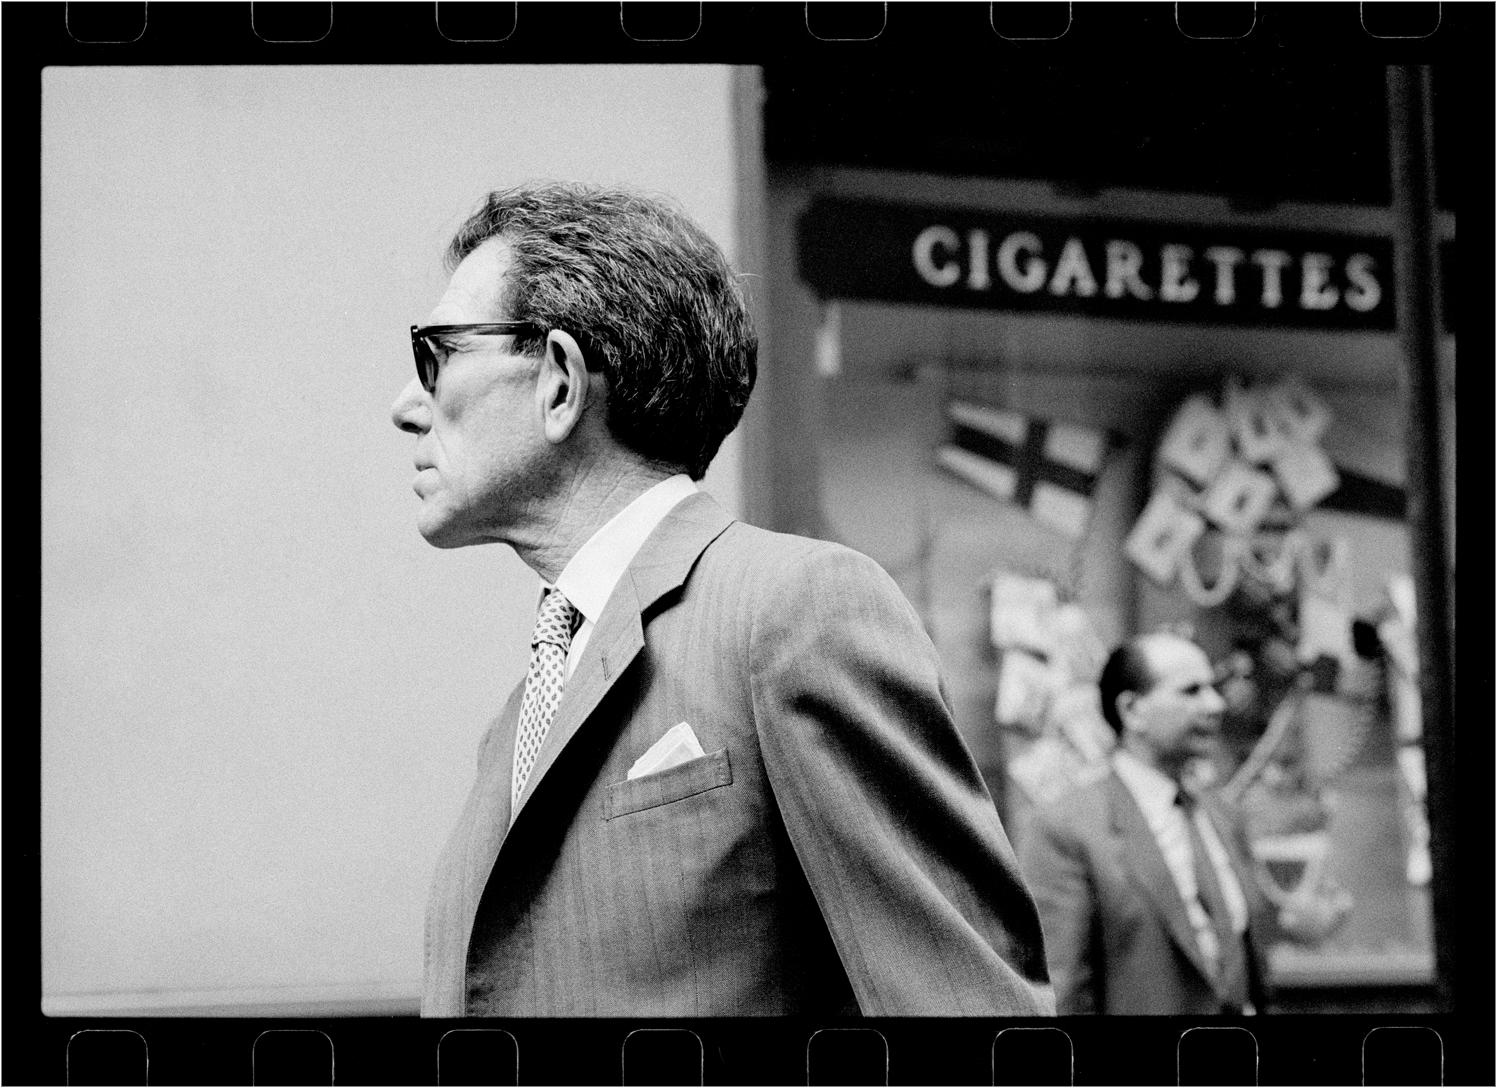 cigarettes-suit-1990-copy